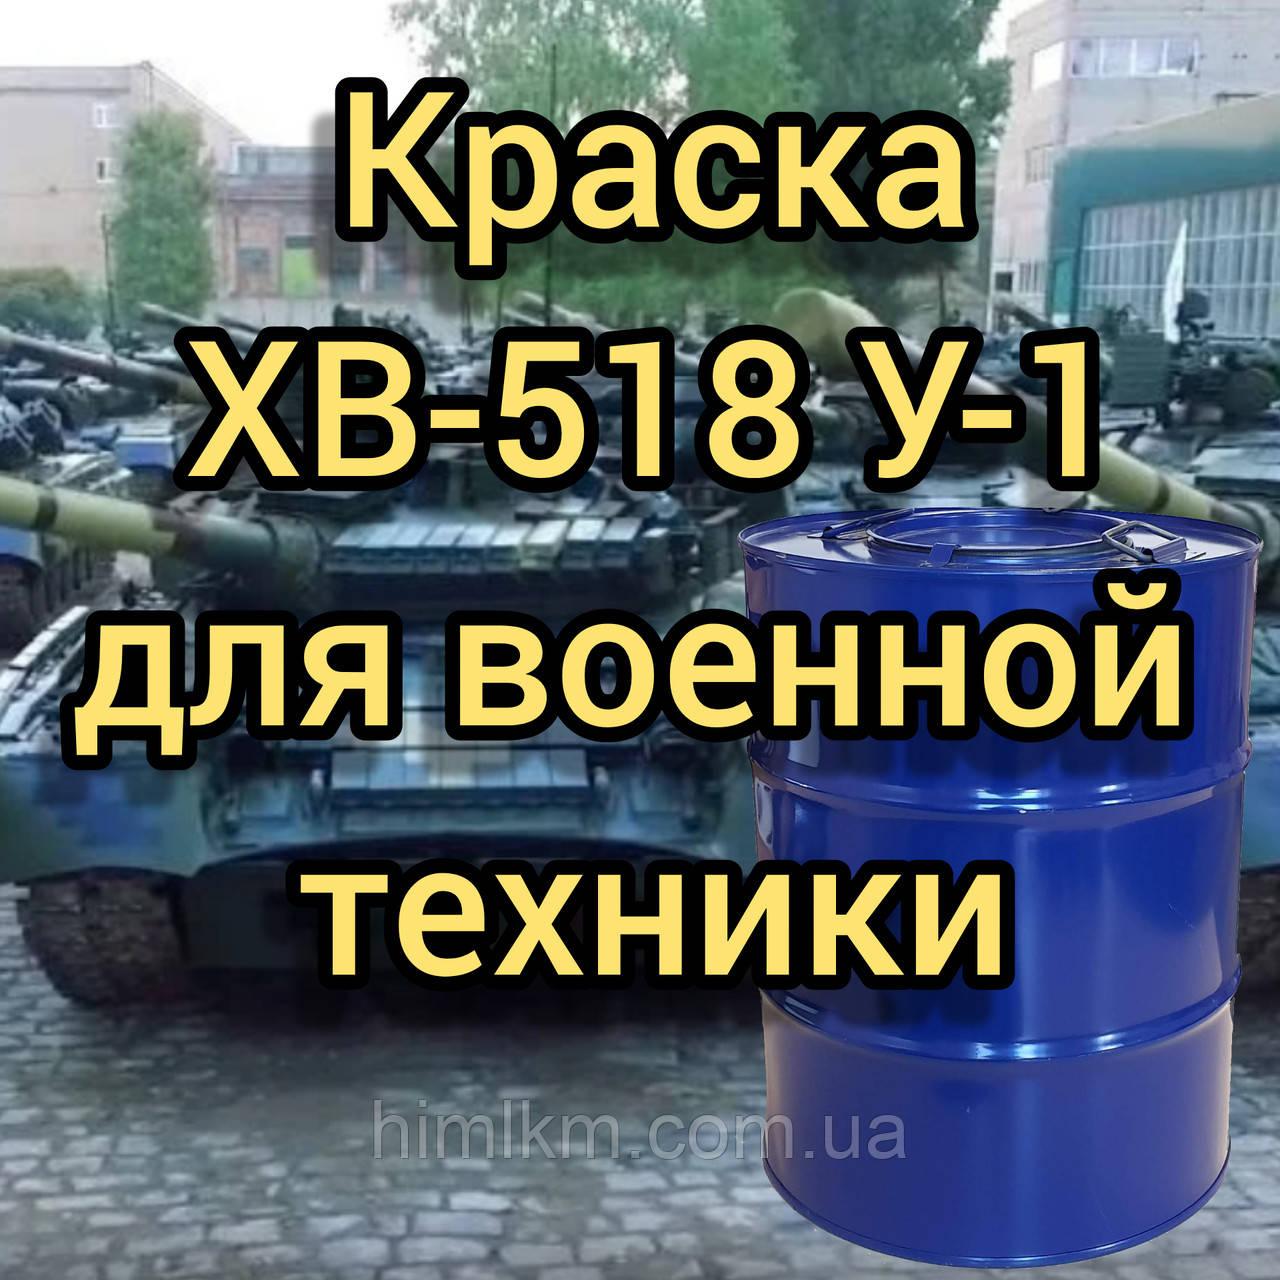 Емаль ХВ-518 В-1 для фарбування збройної і бойової техніки, 50кг